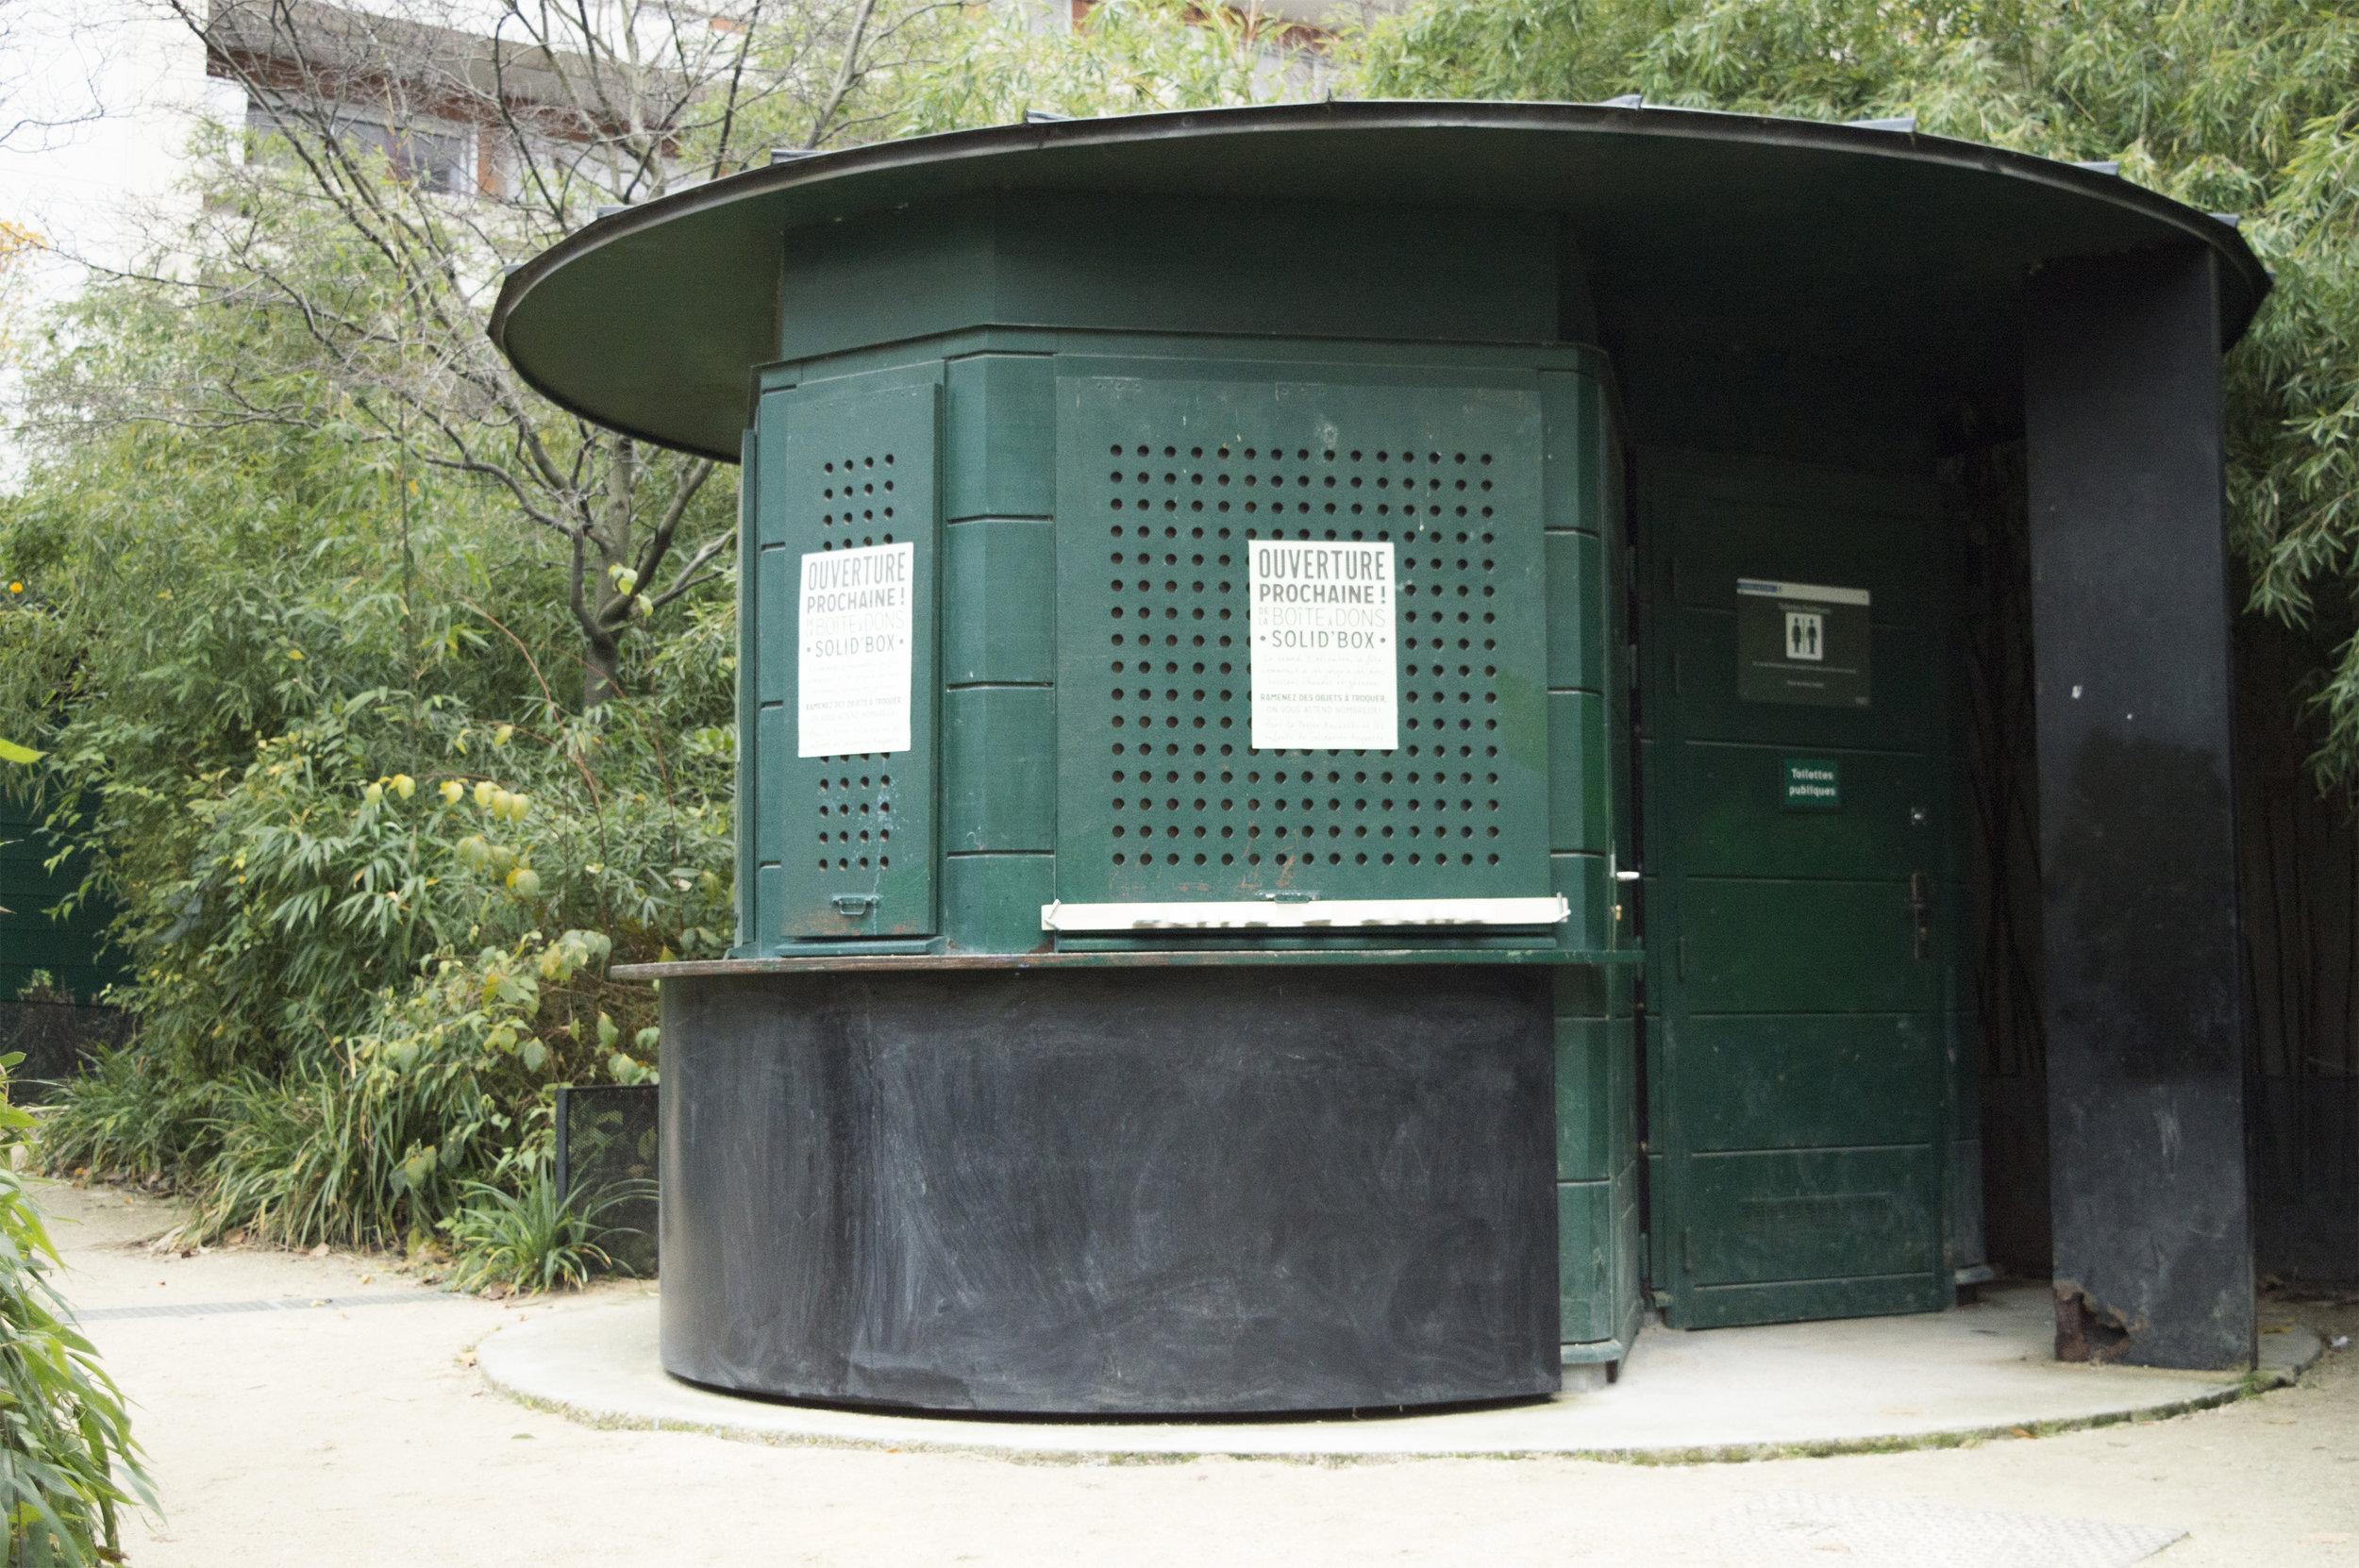 Le kiosque fermé